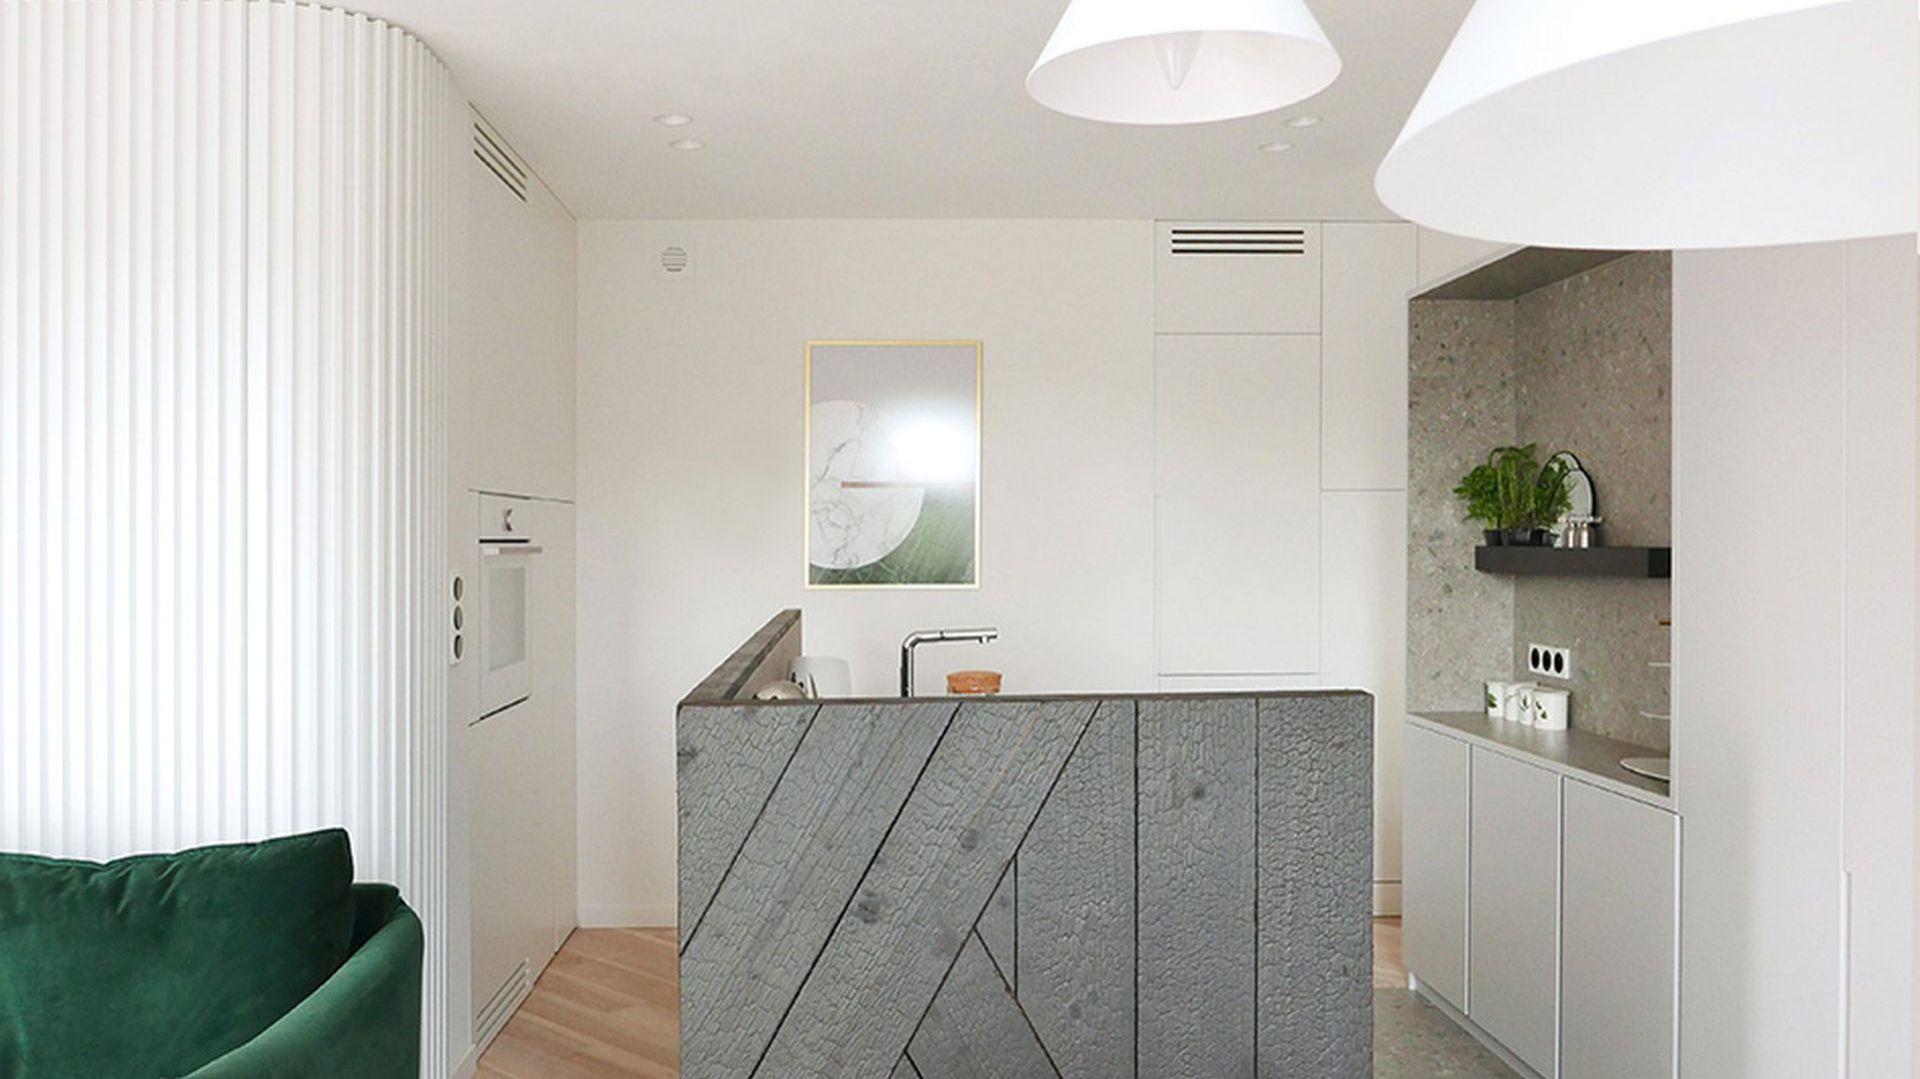 W projekcie części dziennej mieszkania w Tychach kuchnię potraktowano ze szczególnym pietyzmem. Projekt: Aleksandra Pater-Bartnik. Fot. ArchOmega Studio